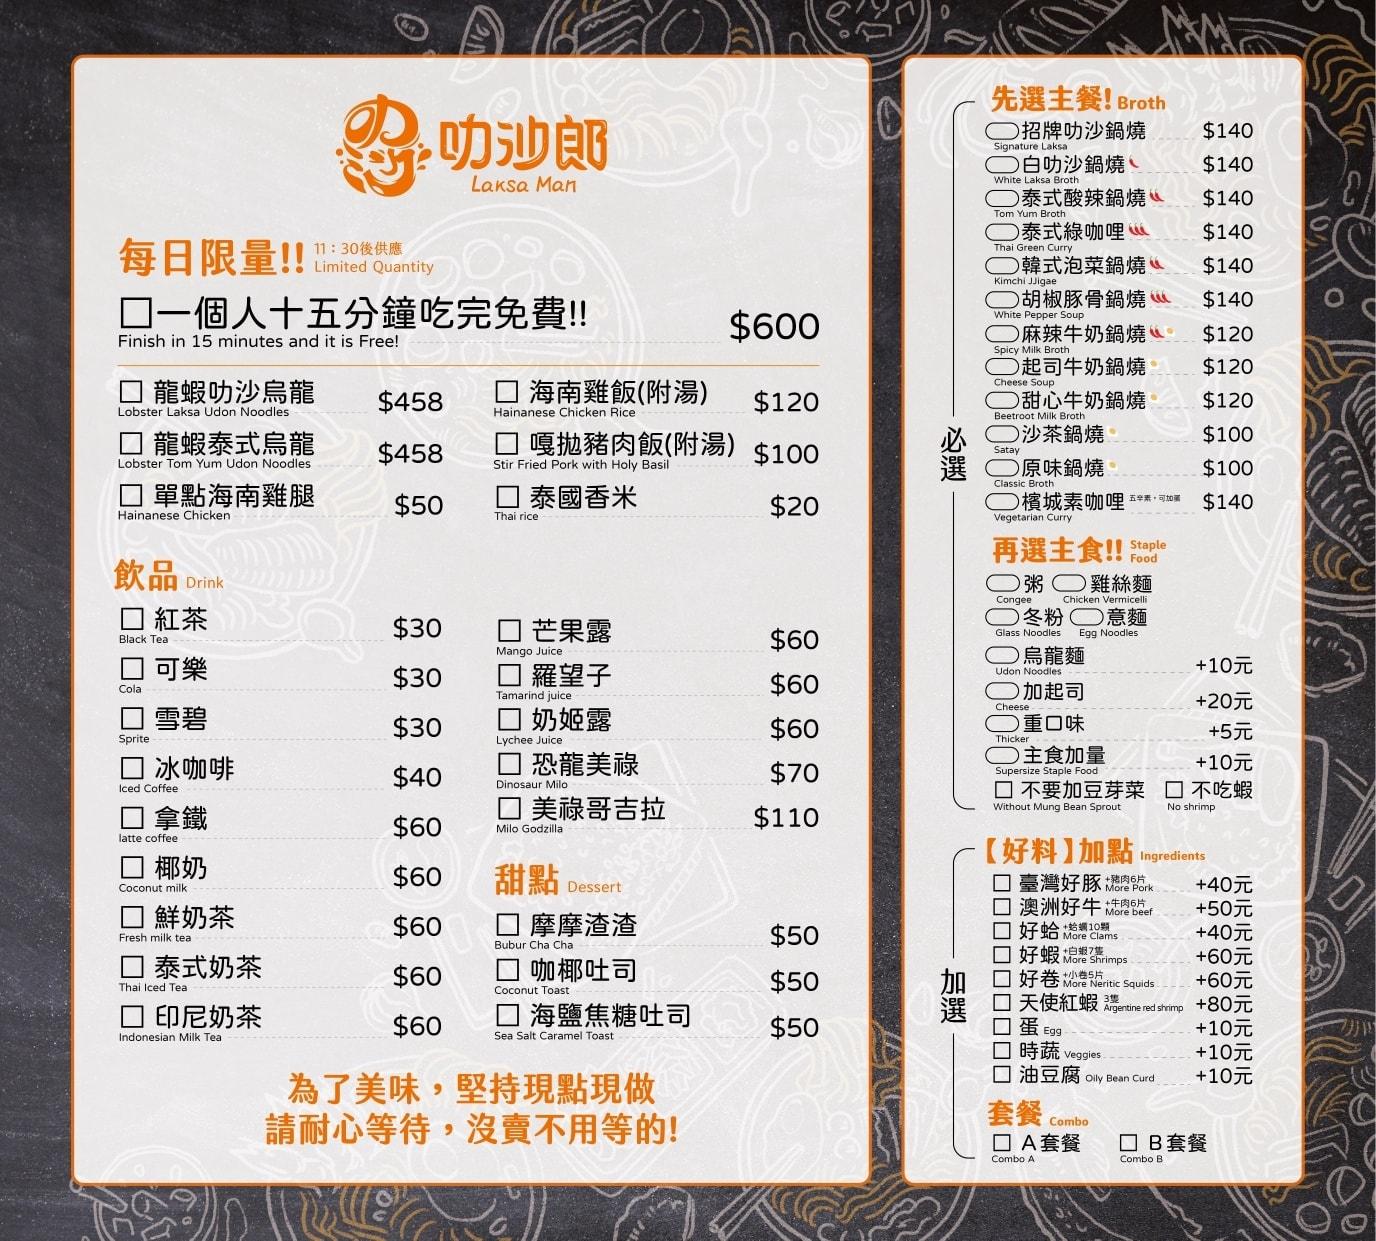 [高雄三多商區美食]叻沙郎-平價大份量好吃南洋叻沙&鍋燒麵!高雄大遠百後方隱藏版 @美食好芃友